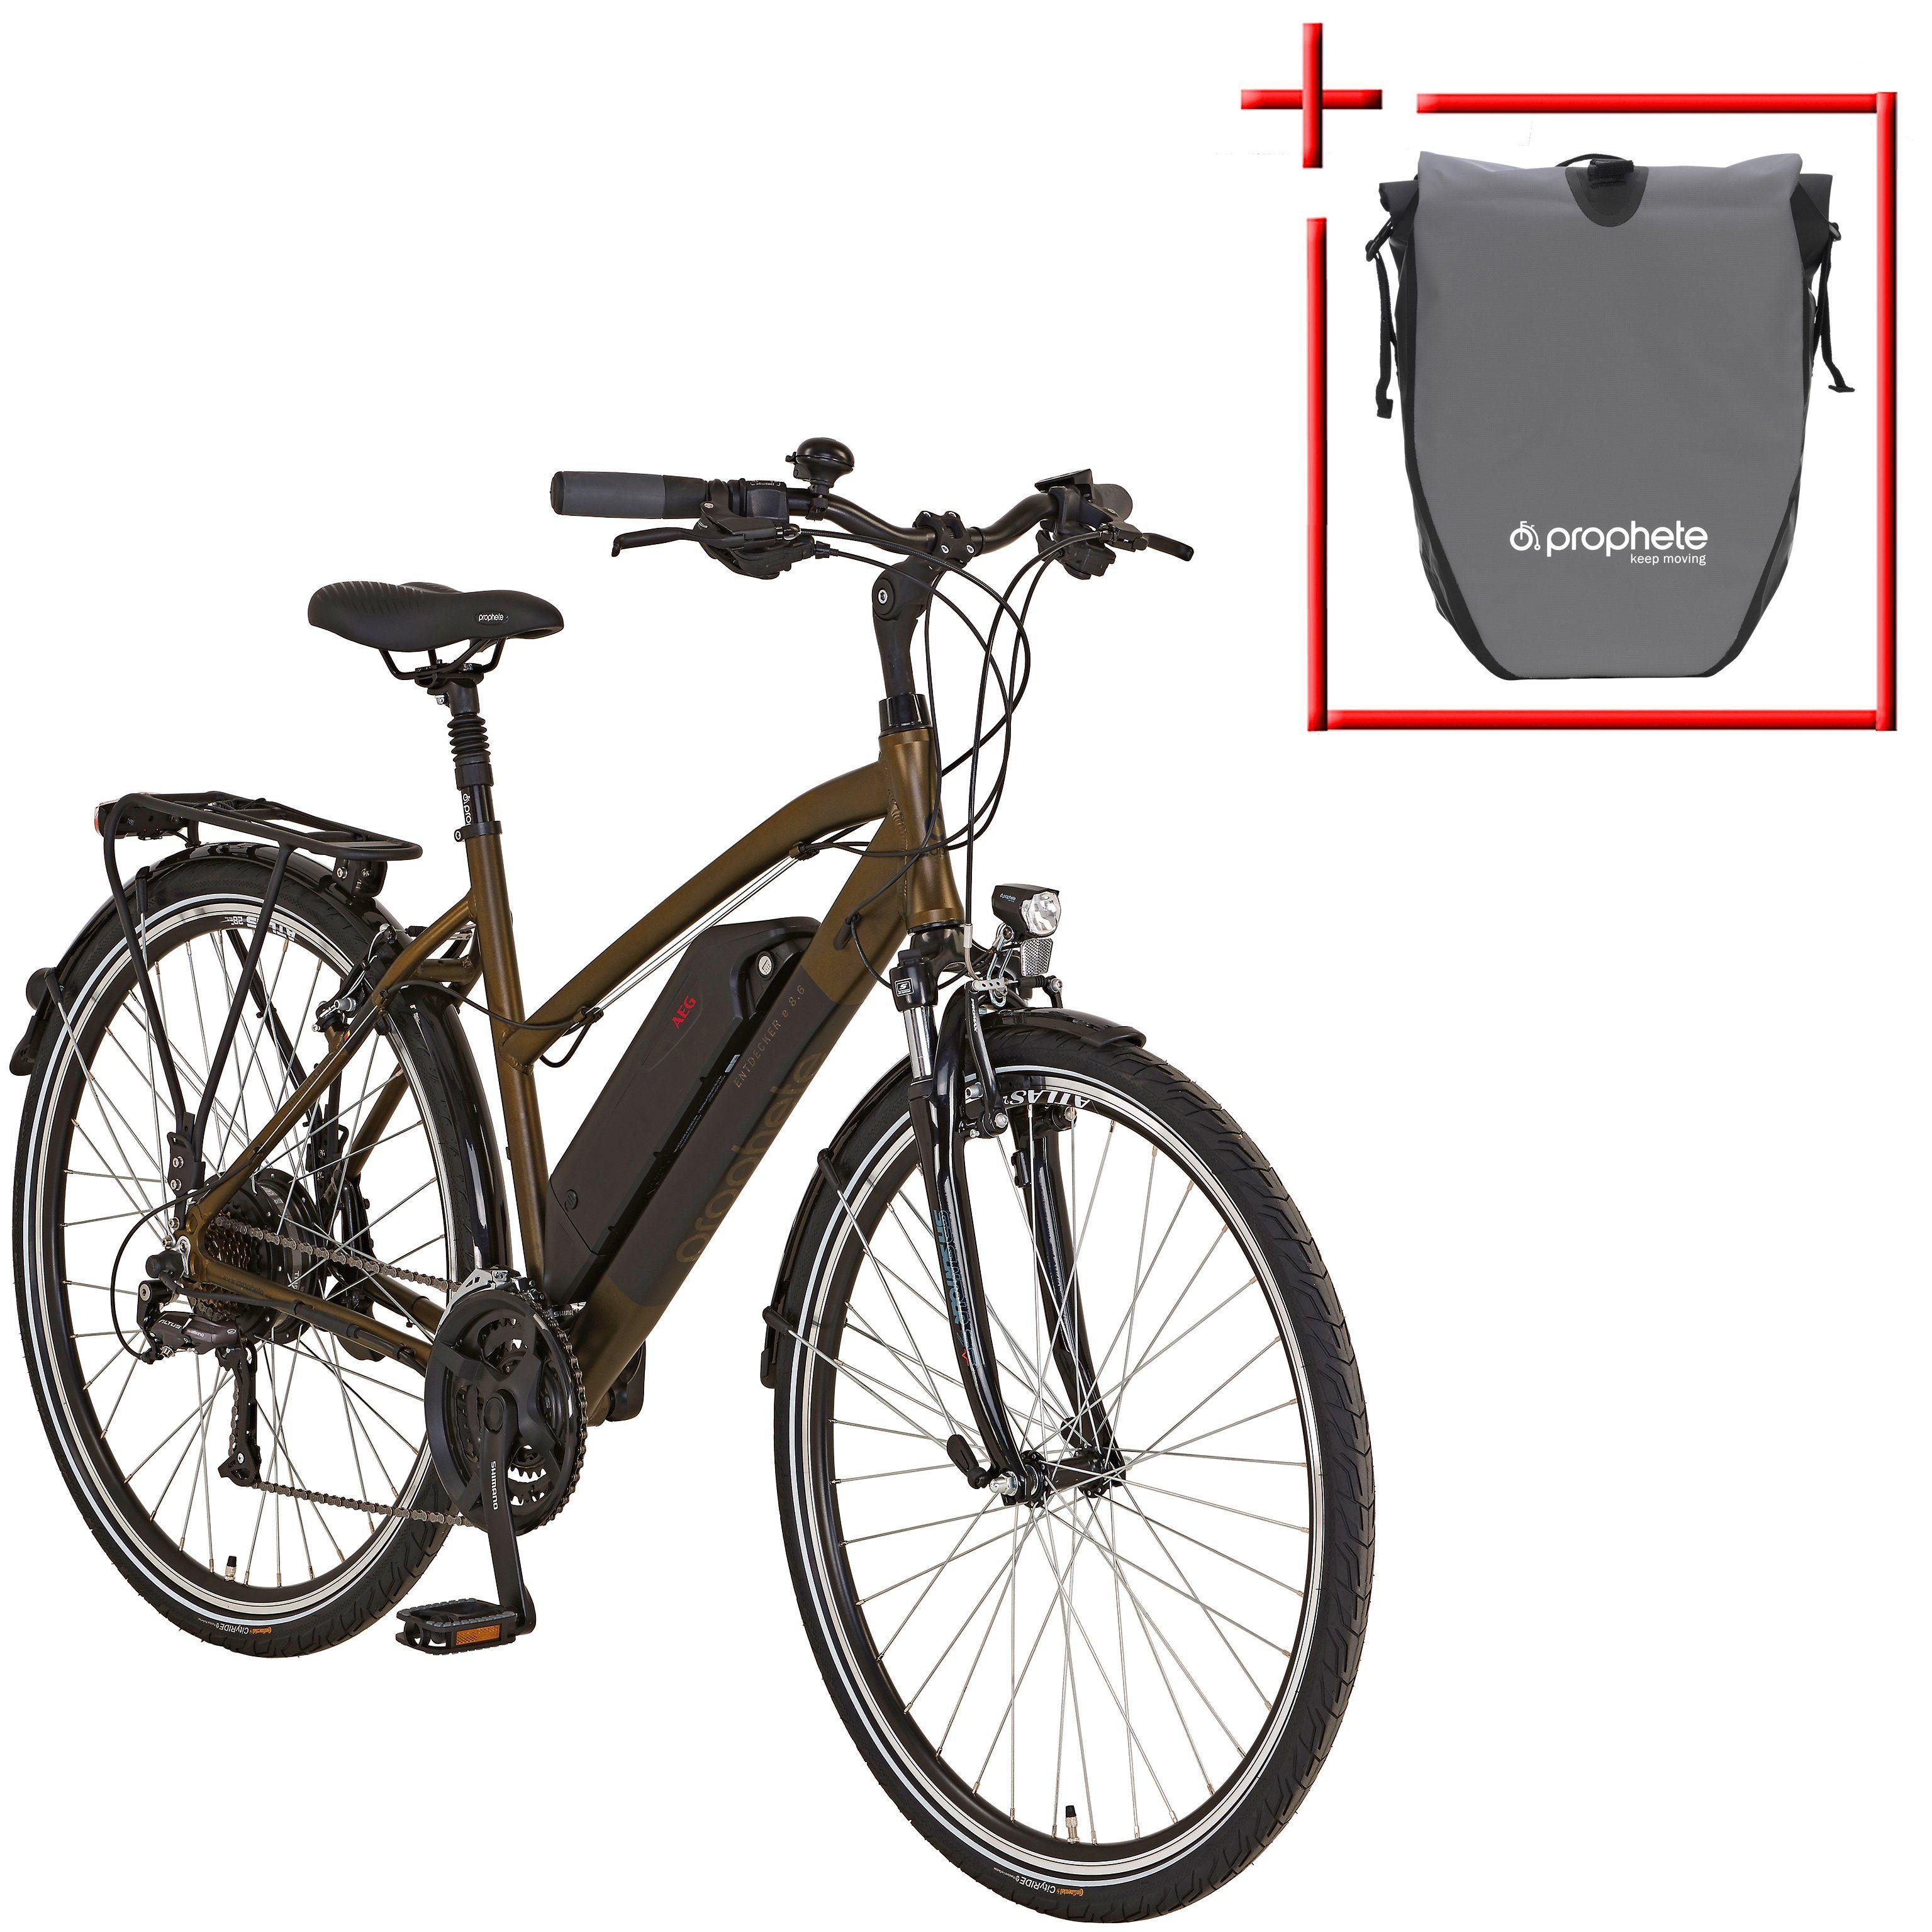 PROPHETE E-Bike Trekking Damen »Entdecker e860«, 28 Zoll, 24 Gang, Heckmotor, 374 Wh